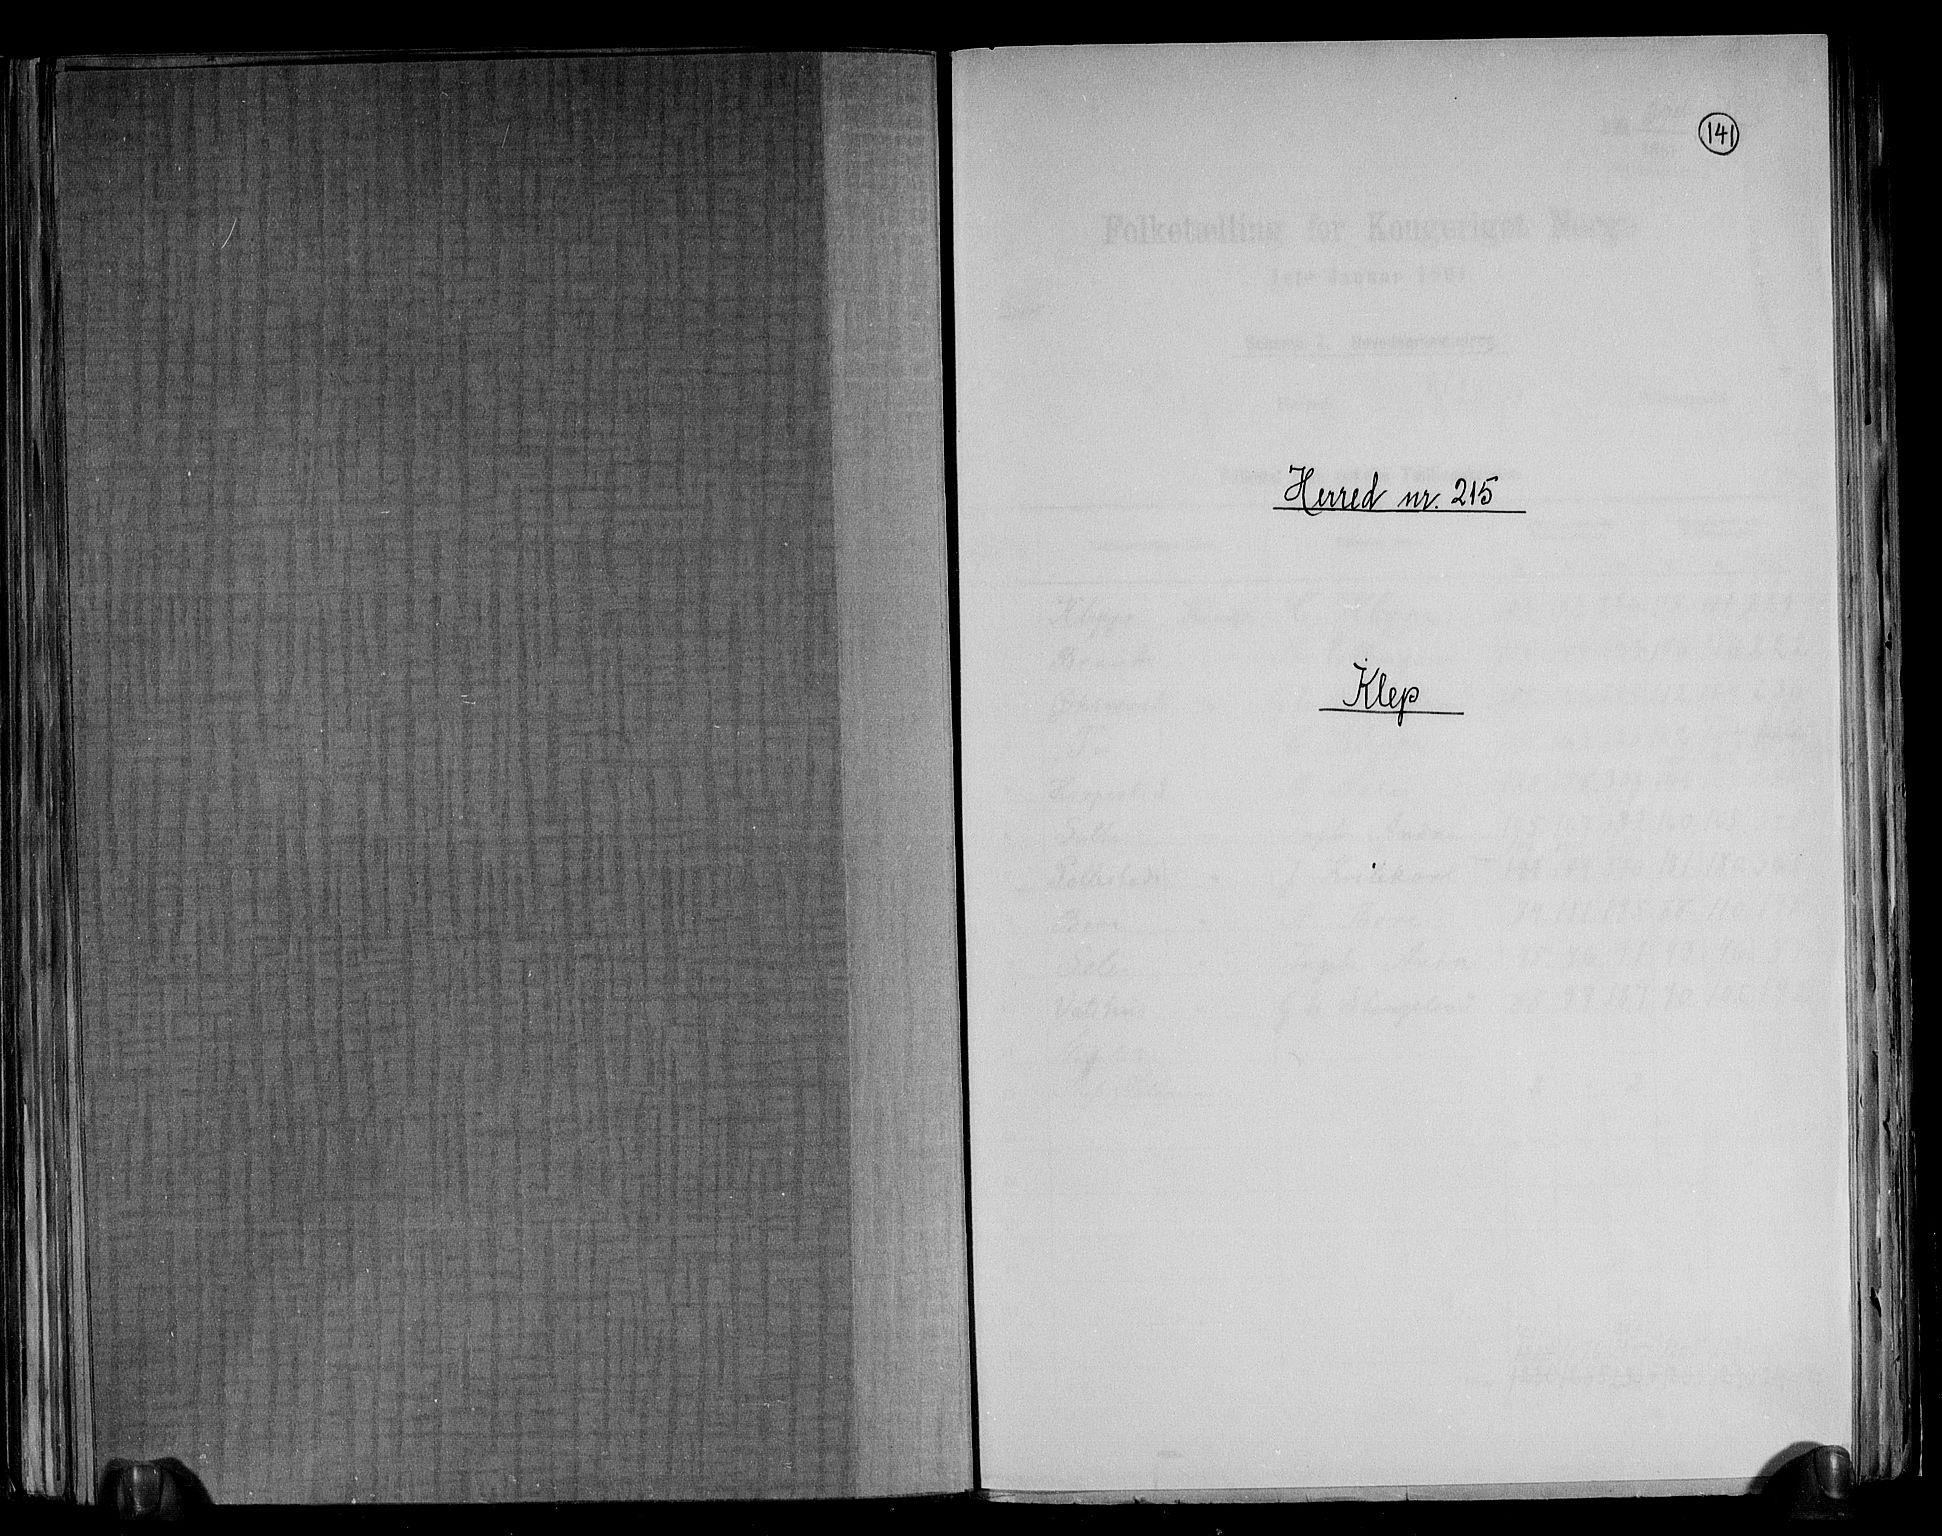 RA, Folketelling 1891 for 1120 Klepp herred, 1891, s. 1